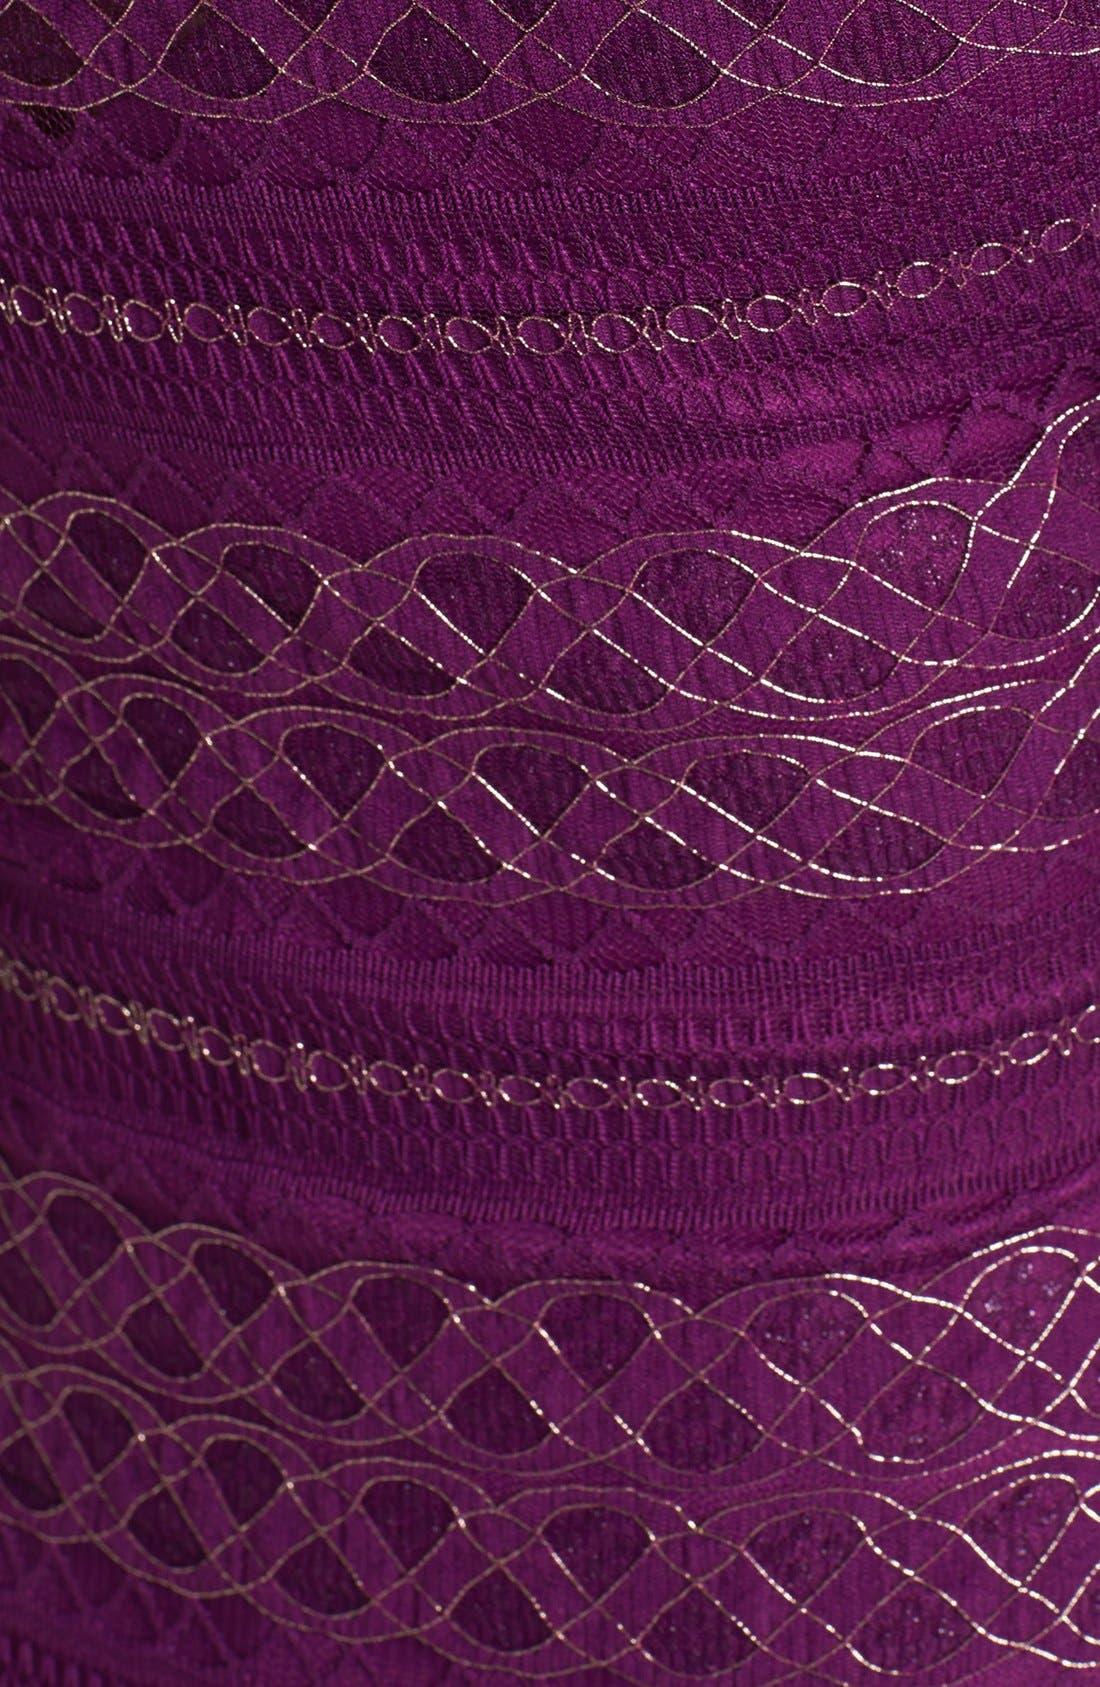 Alternate Image 3  - GUESS Metallic Lace Knit Sheath Dress